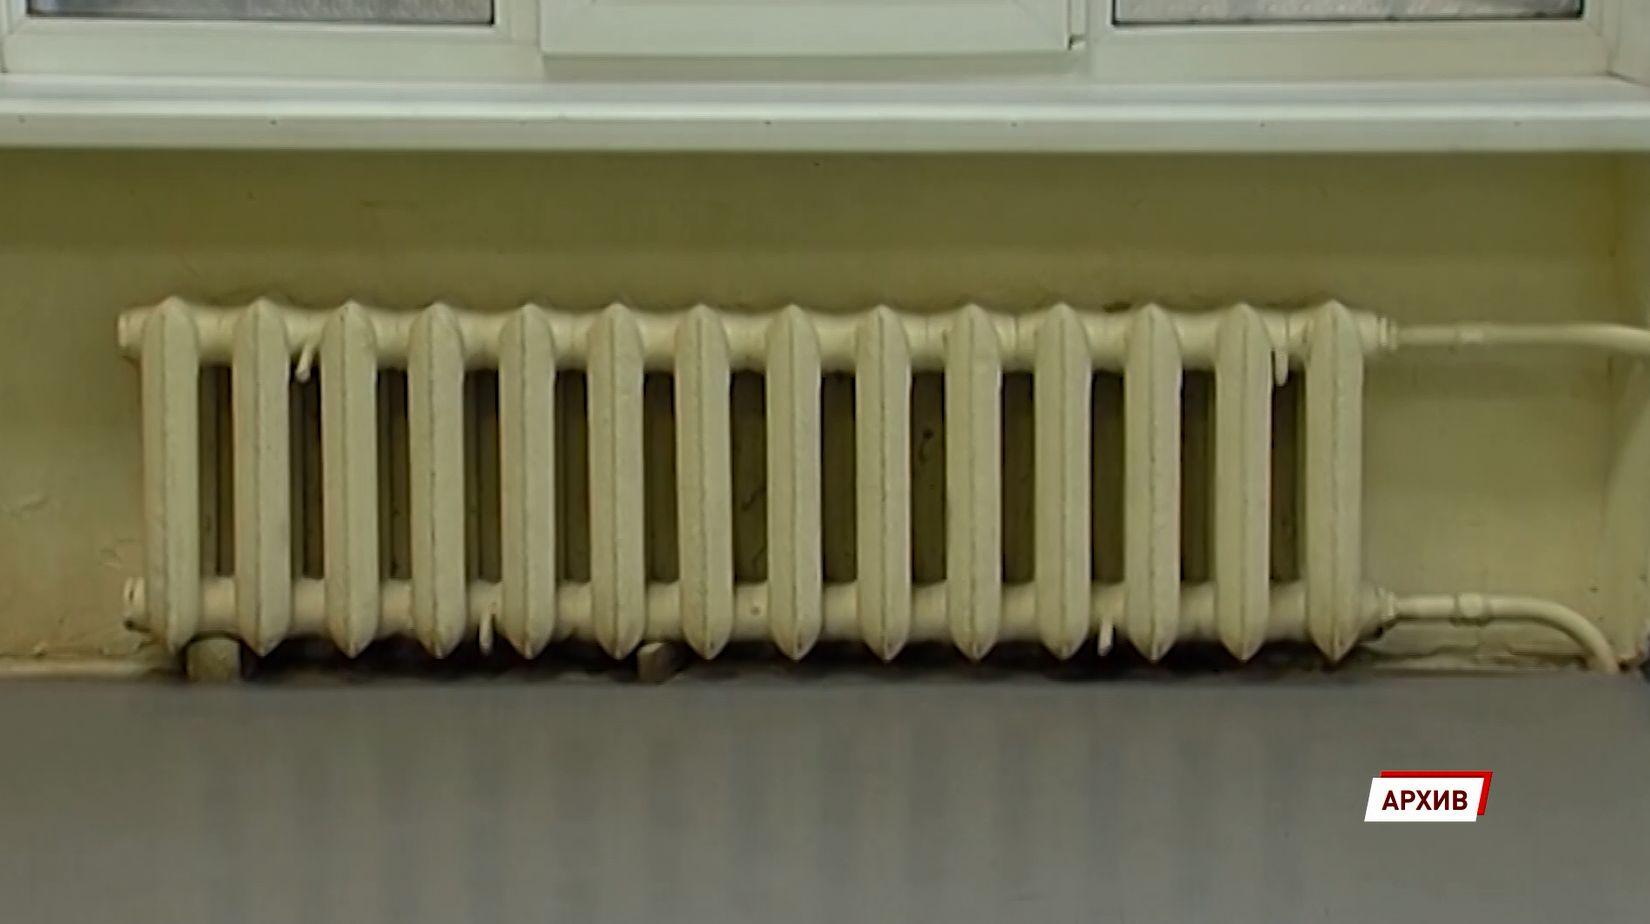 Ярославцы продолжают жаловаться на отсутствие отопления в квартирах